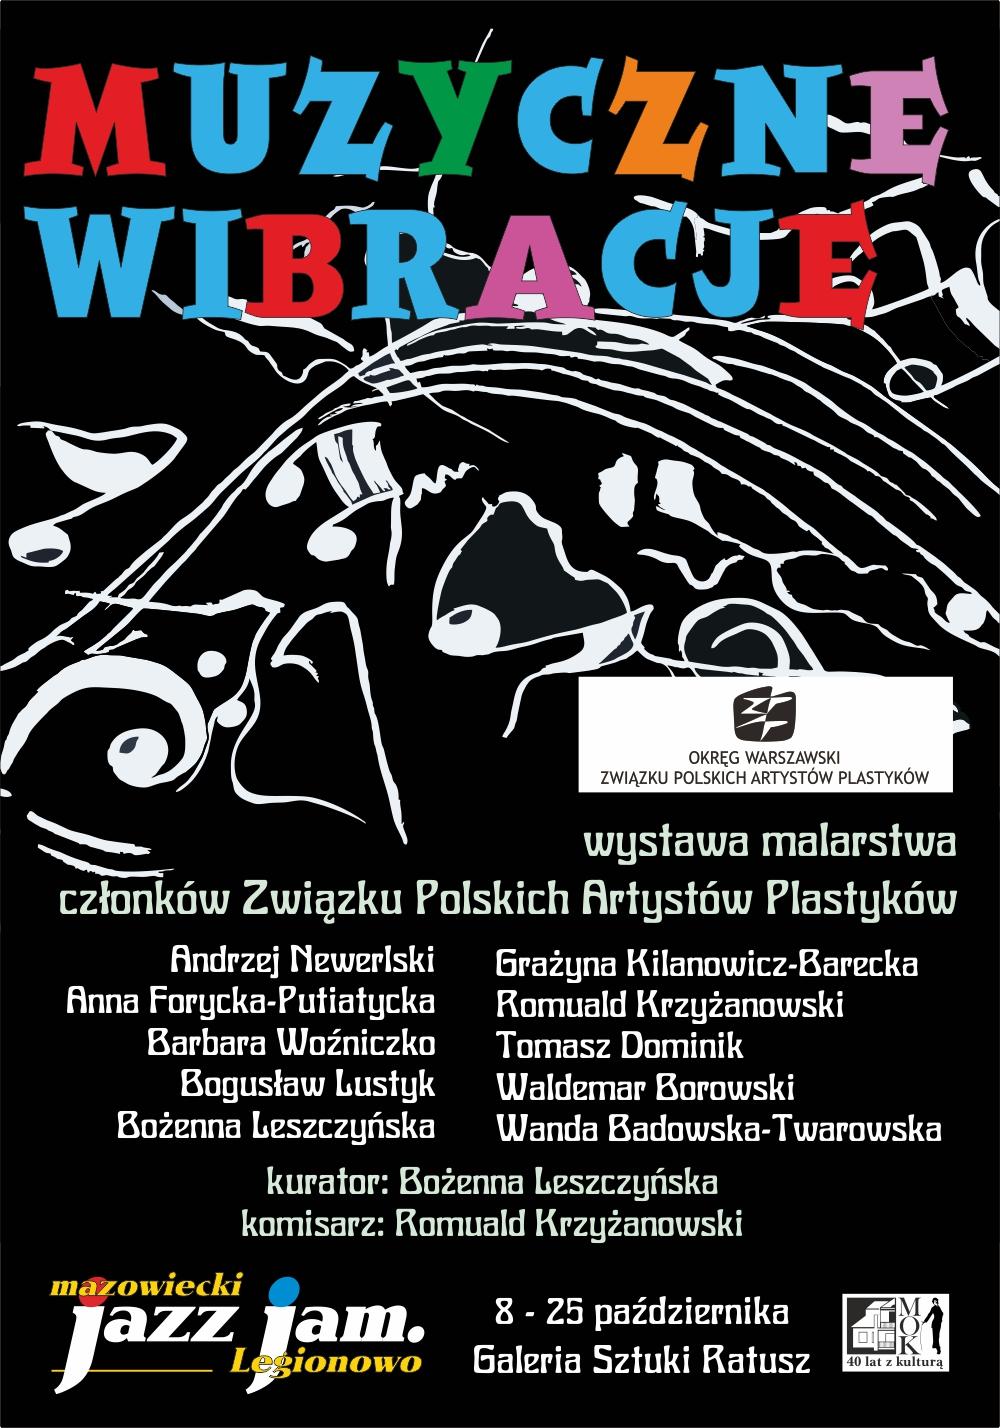 muzyczne_wibracje_plakat